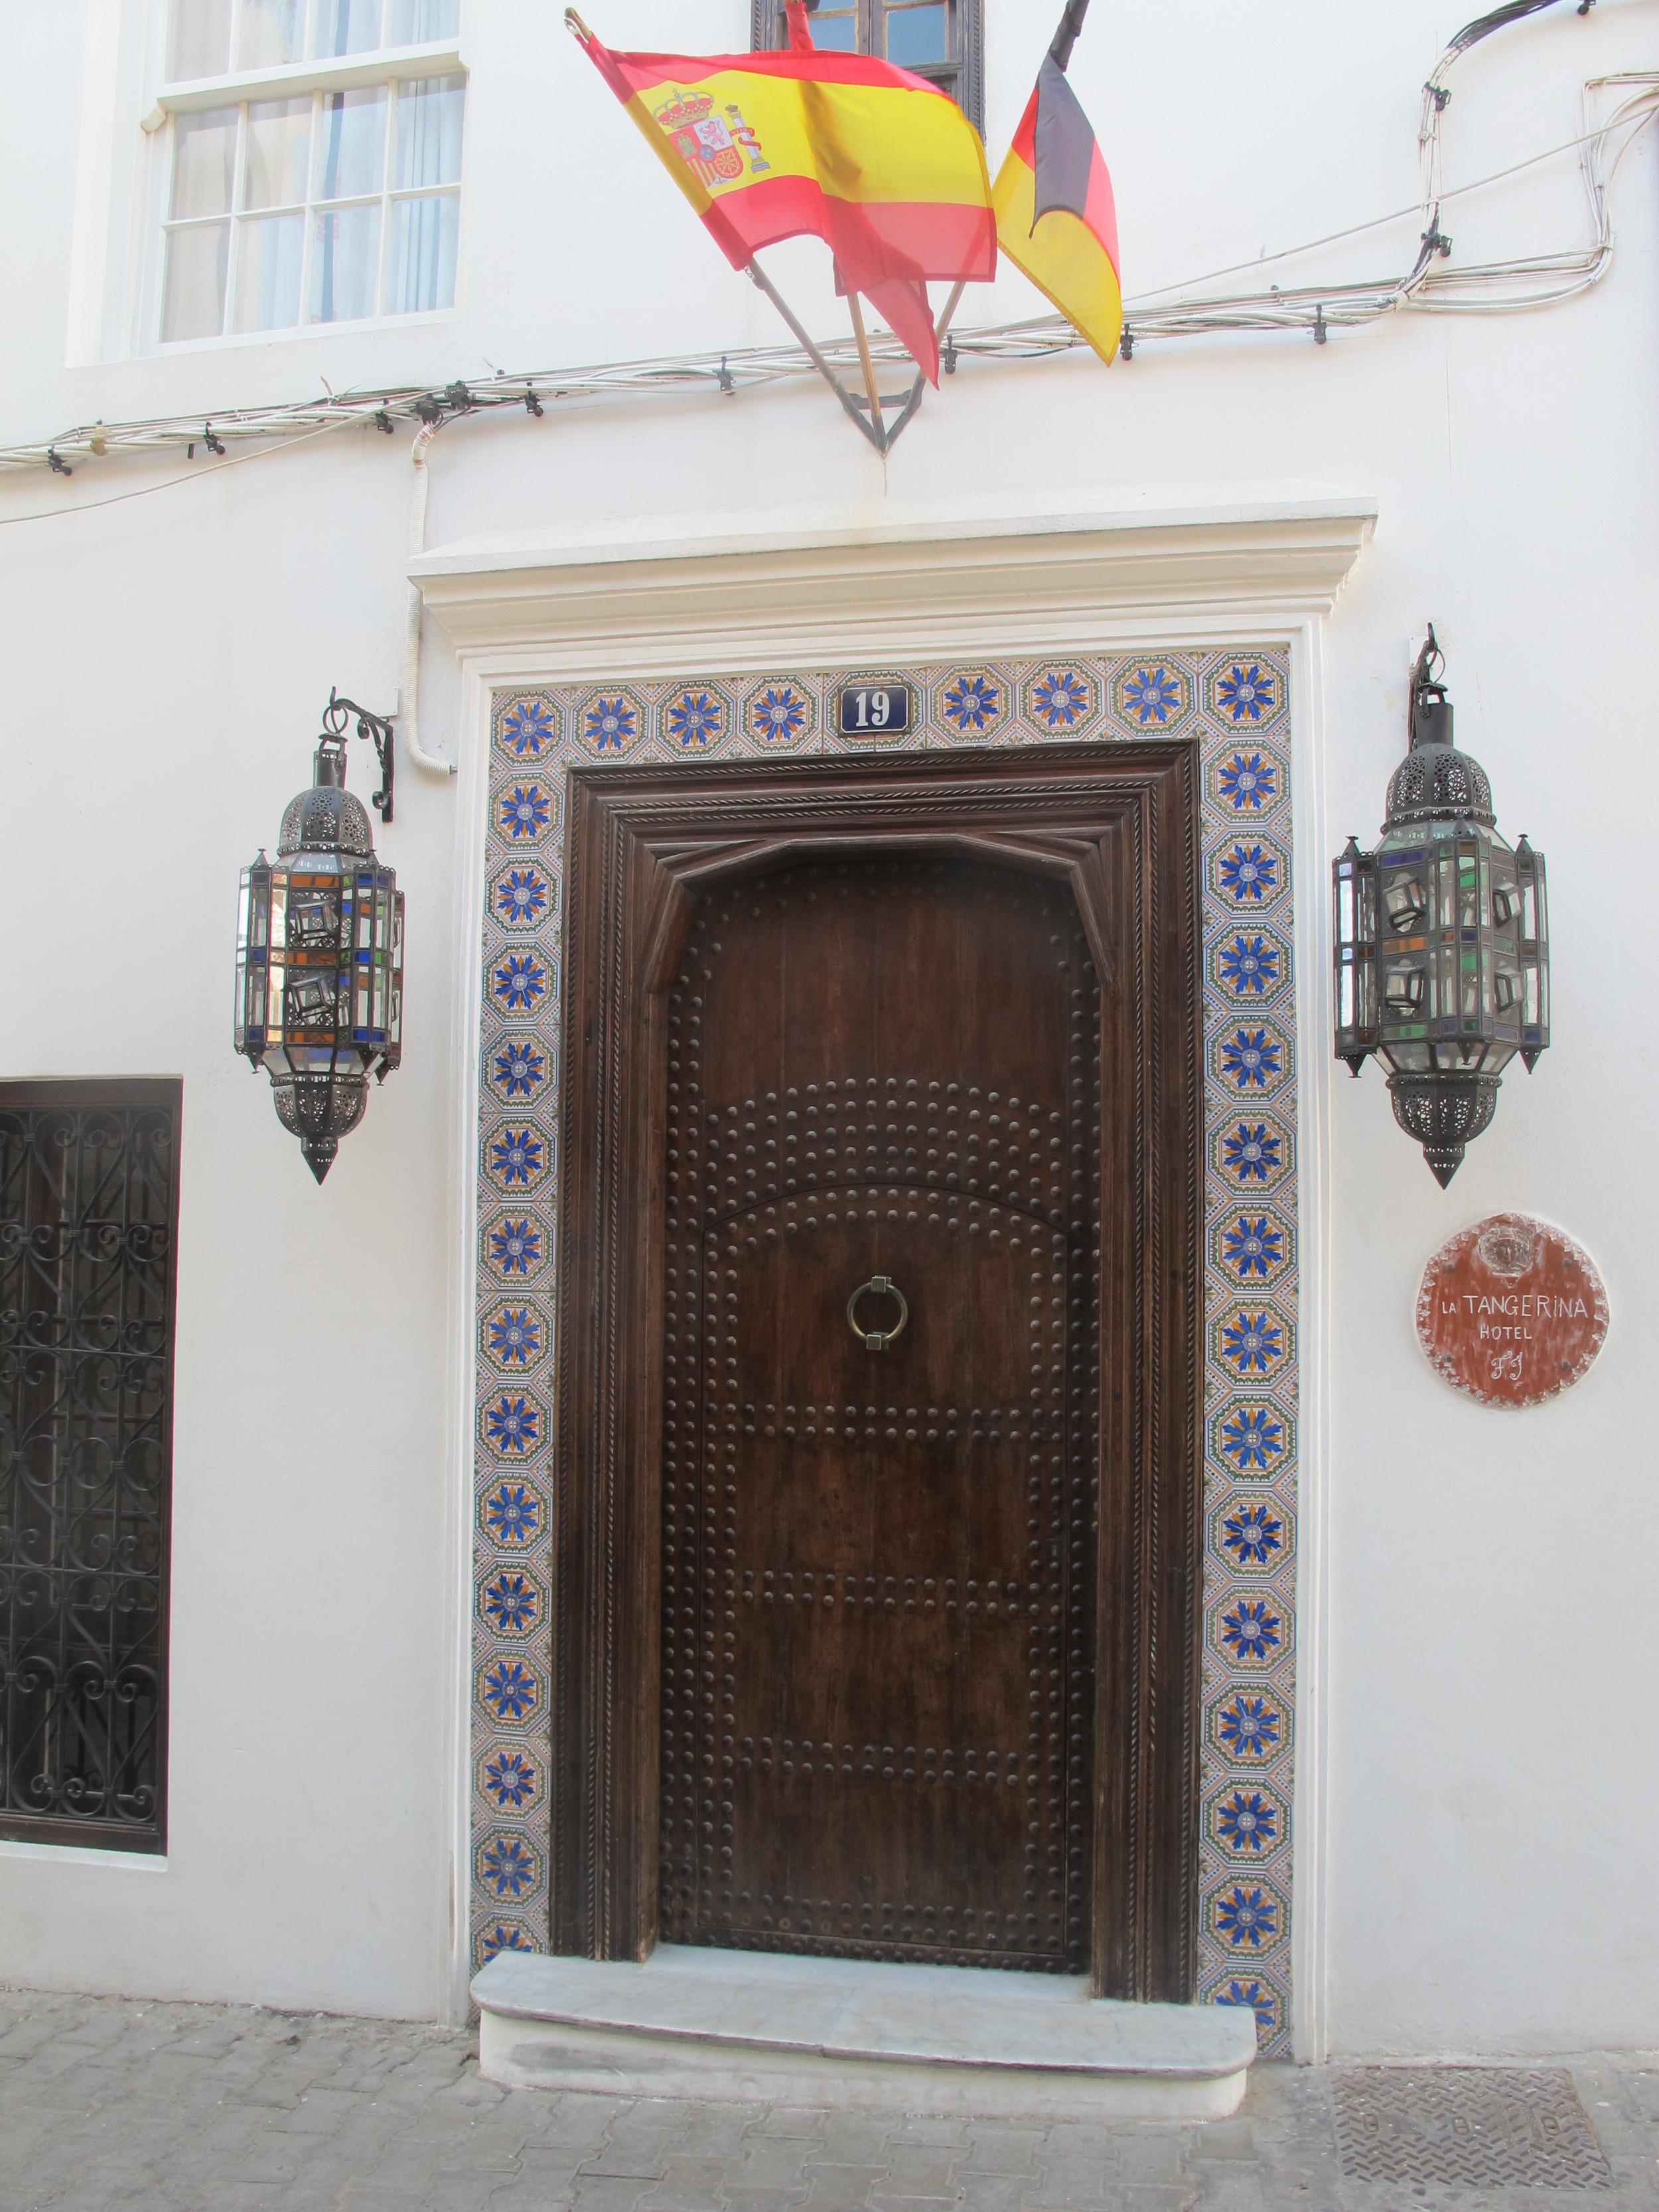 Hotel Tangerina in the Medina